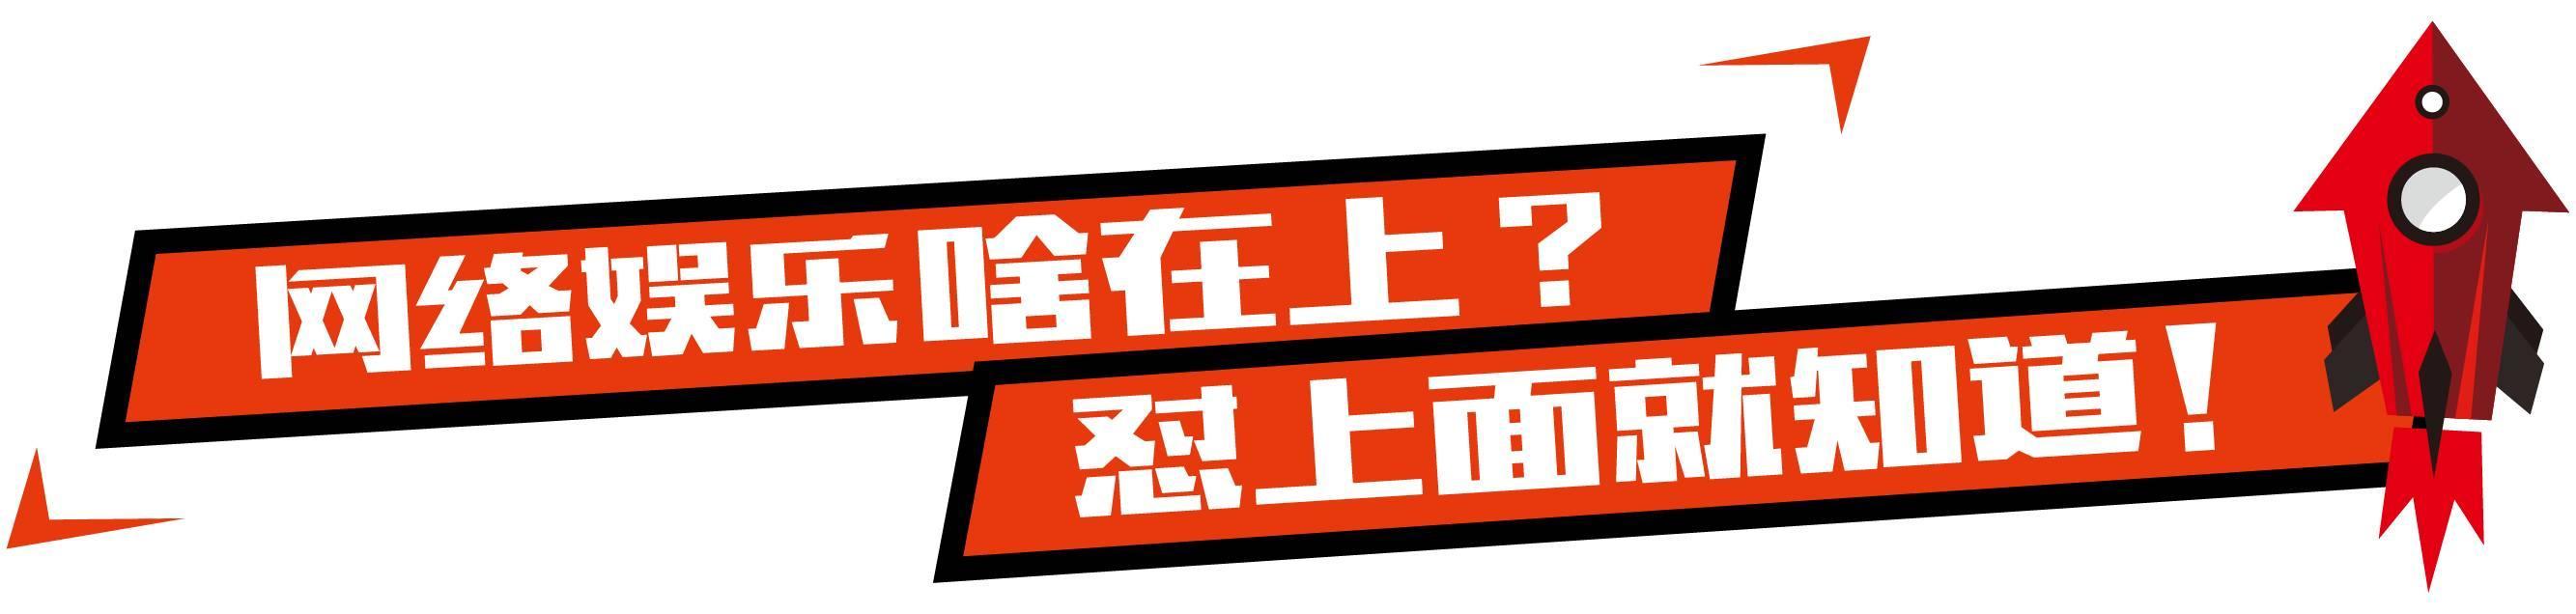 军事题材《中华兵王》硬汉风《无罪之城》正在热映